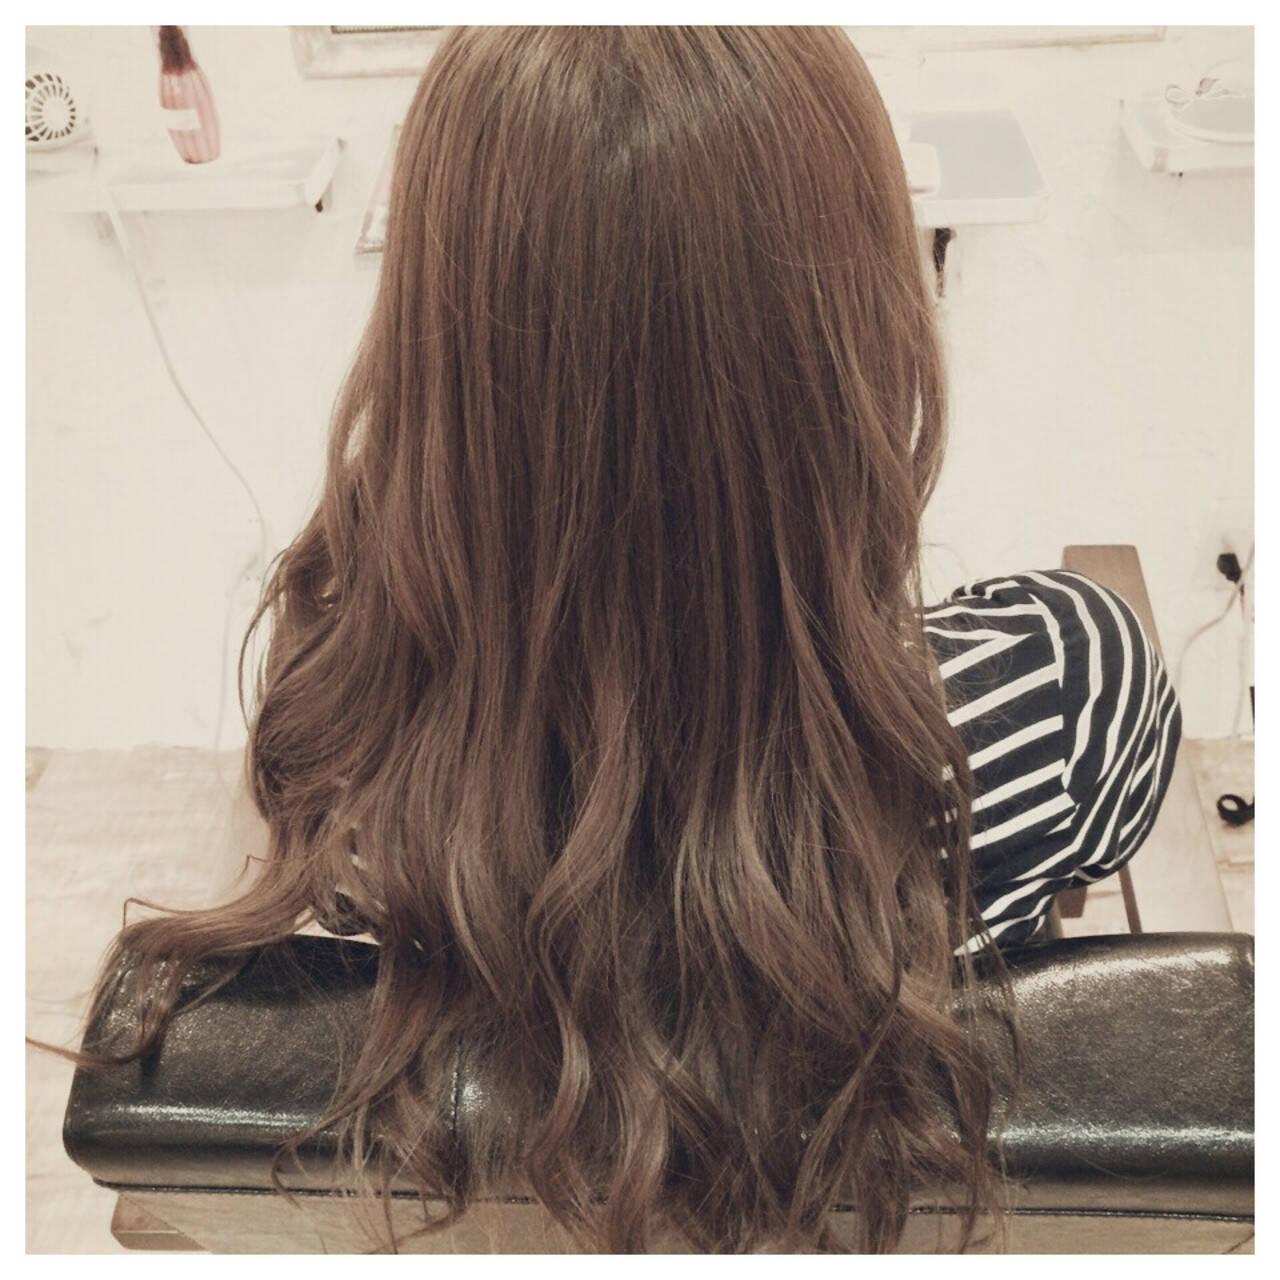 外国人風 ナチュラル ゆるふわ ロングヘアスタイルや髪型の写真・画像